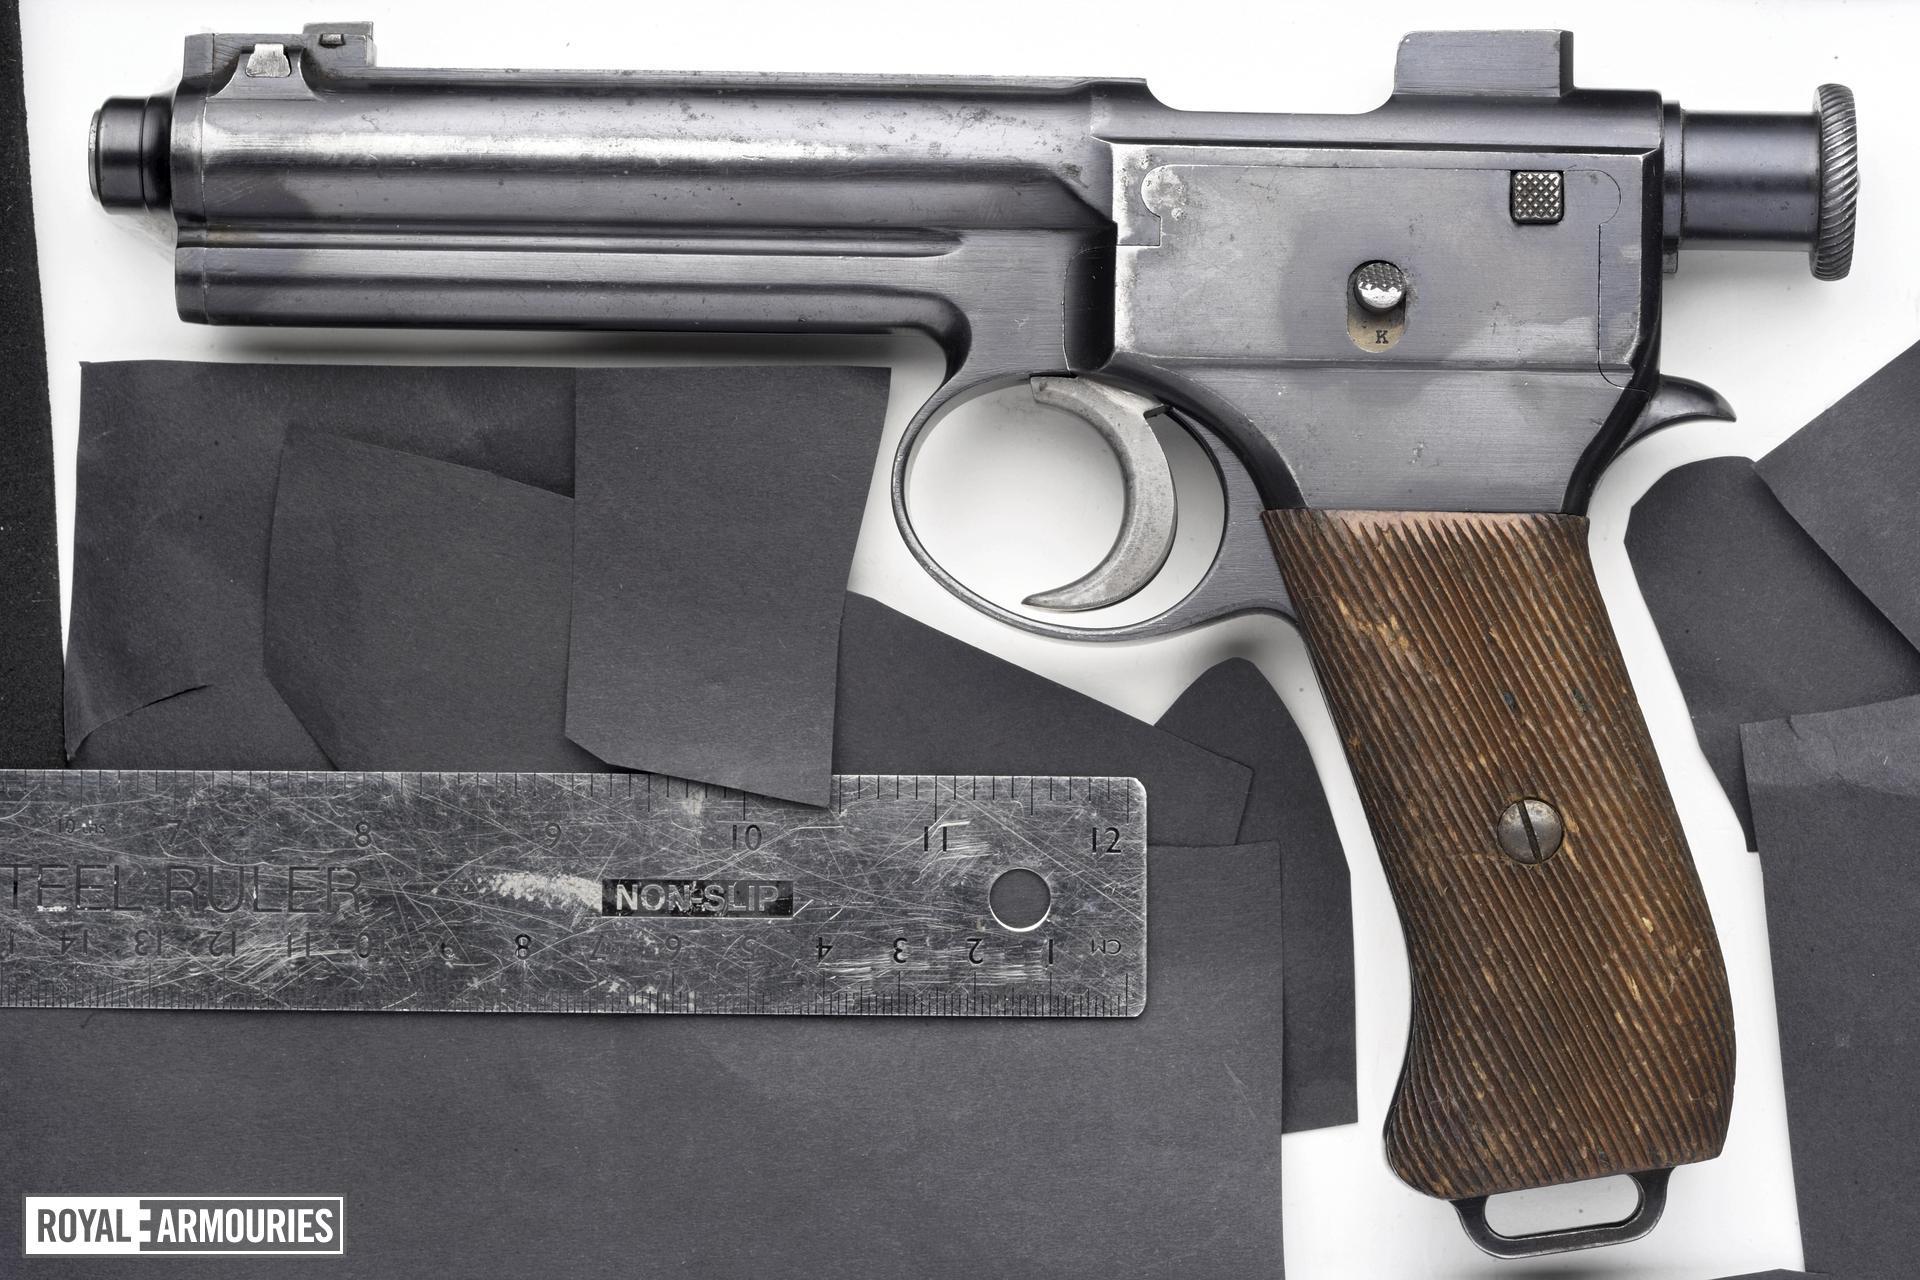 Centrefire self-loading pistol - Roth Steyr Model 1907